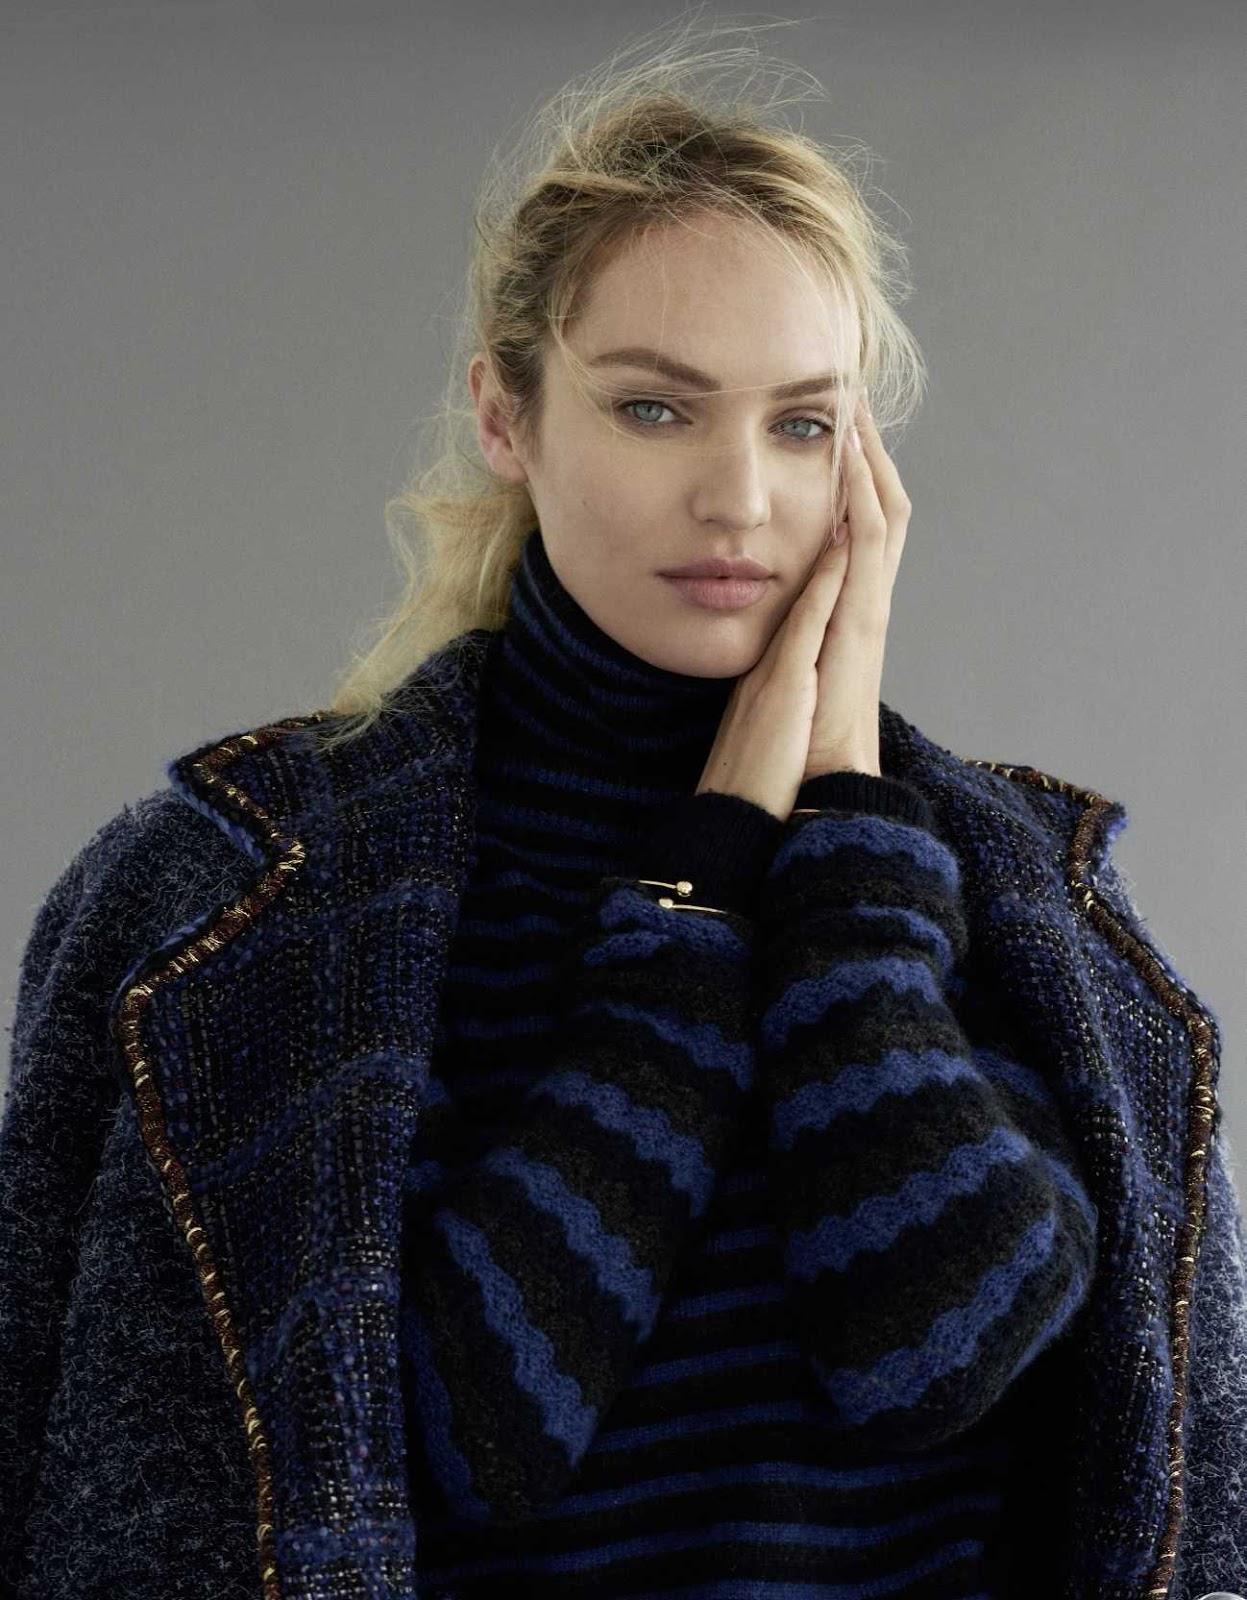 Elle Russia October 2017-29.jpg